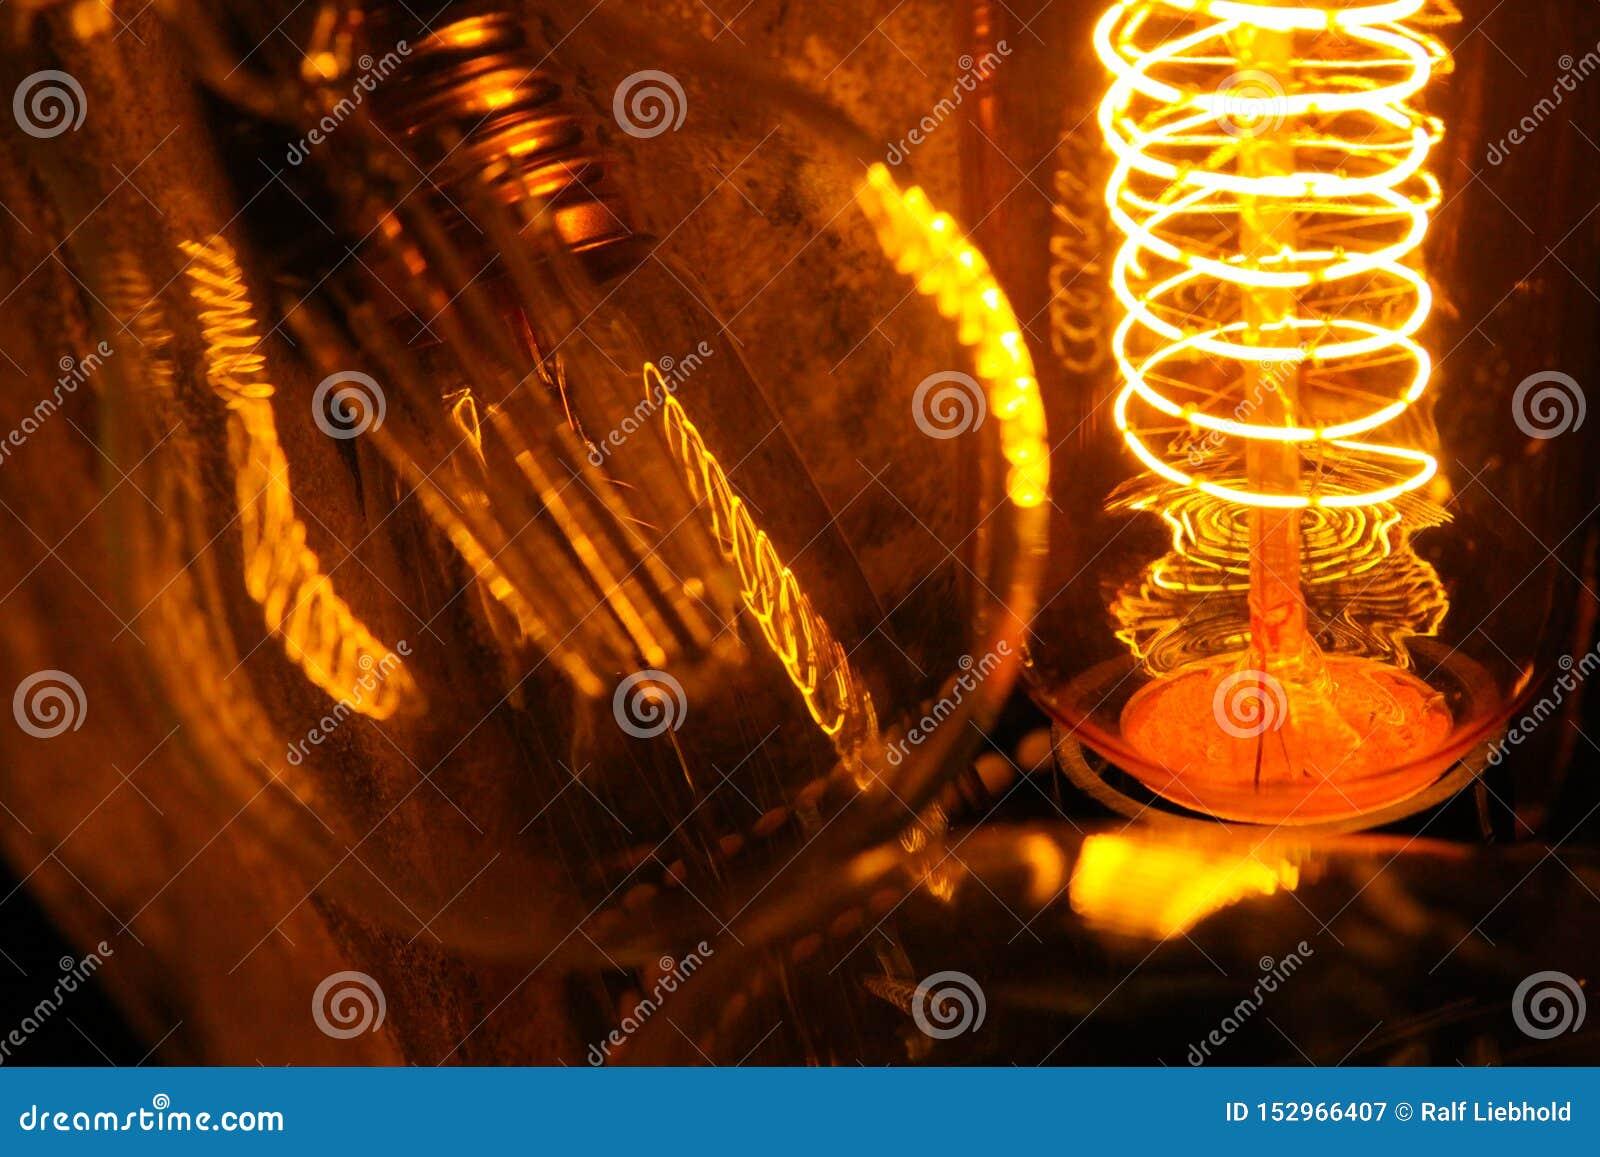 Ampolas incandescentes clássicas Cobbled de Edison com fios de incandescência visíveis na noite